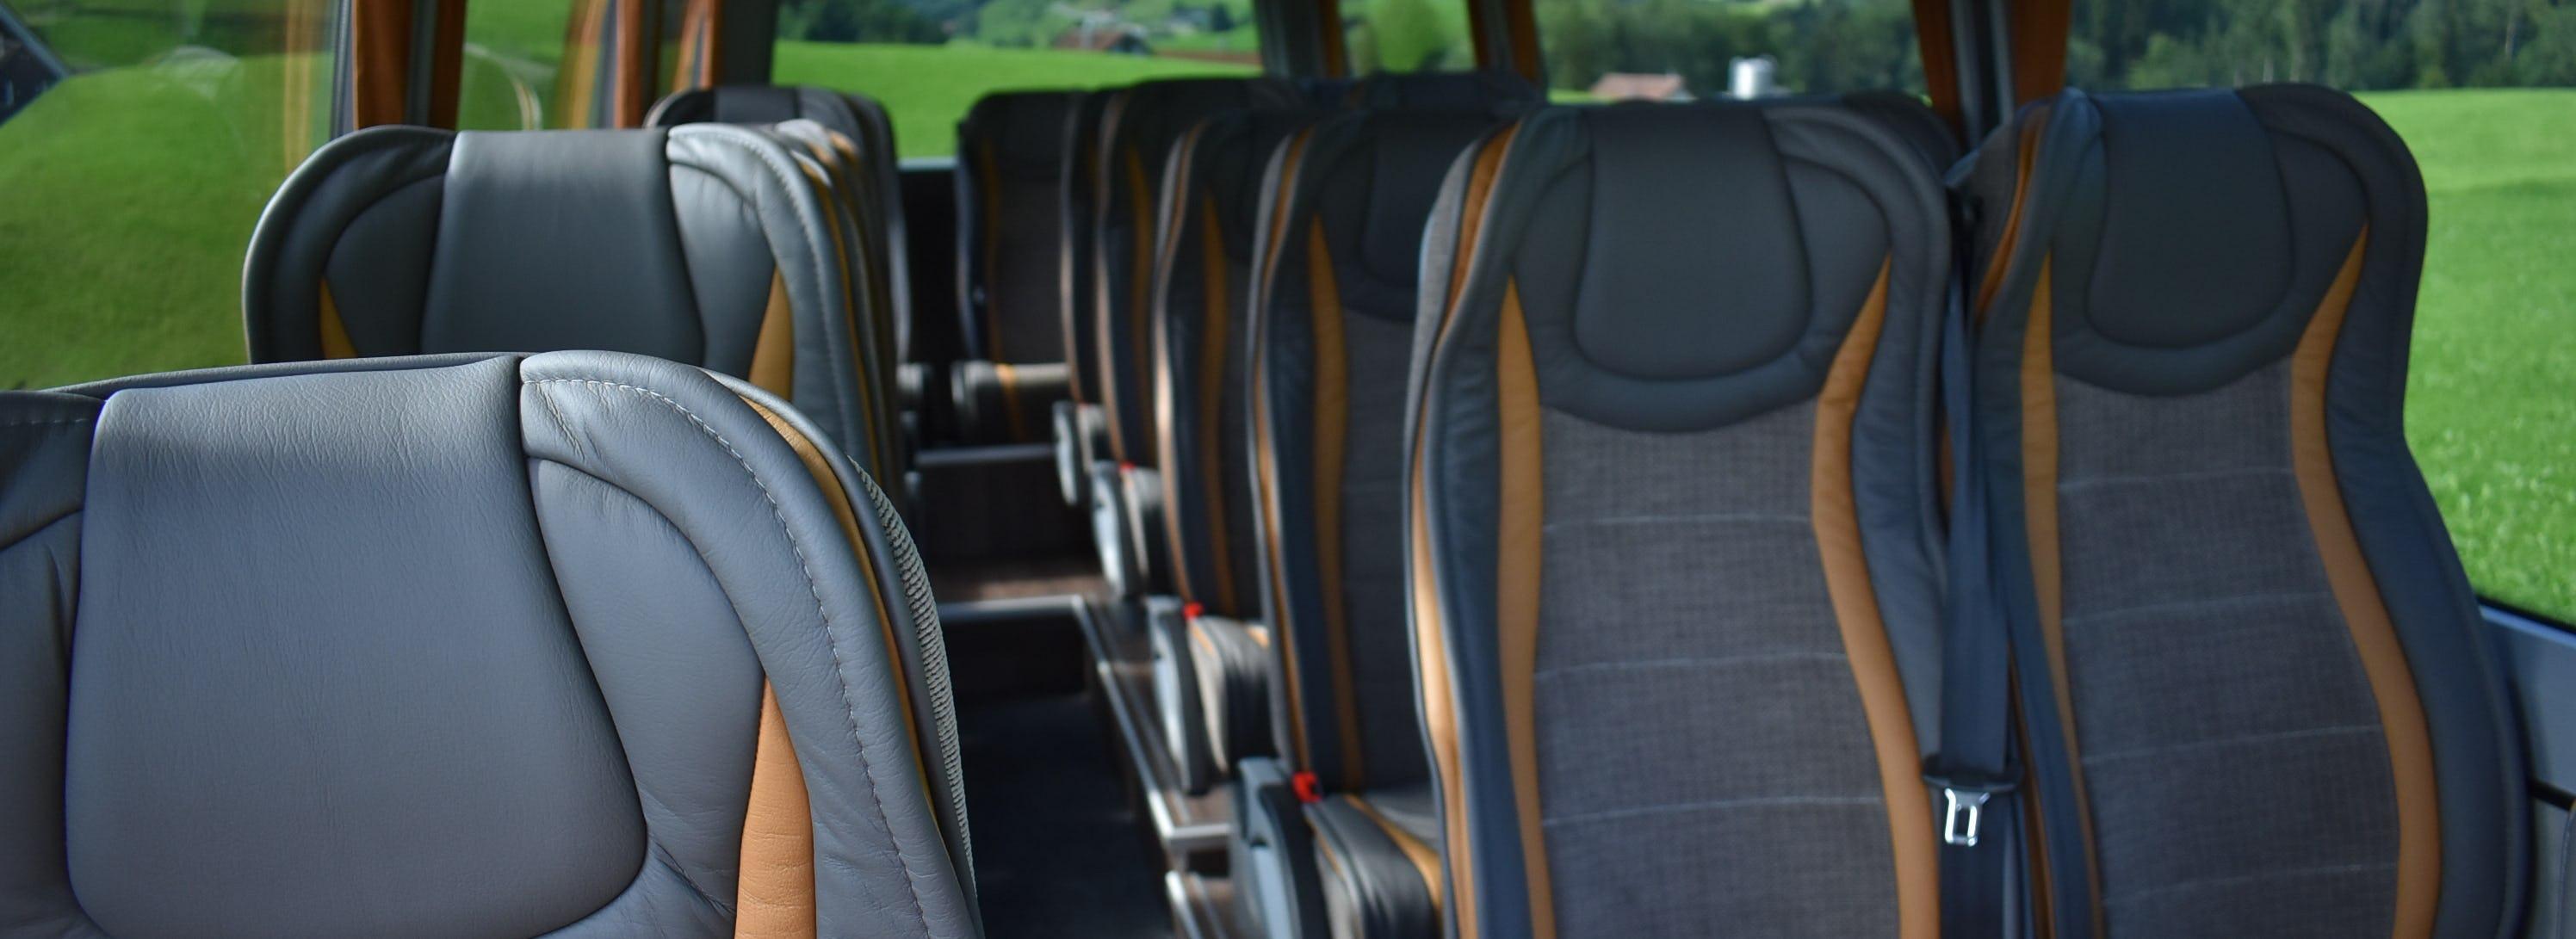 19 Plätzer Mercedes-Benz Sprinter 519 LUXUS Innen Tag